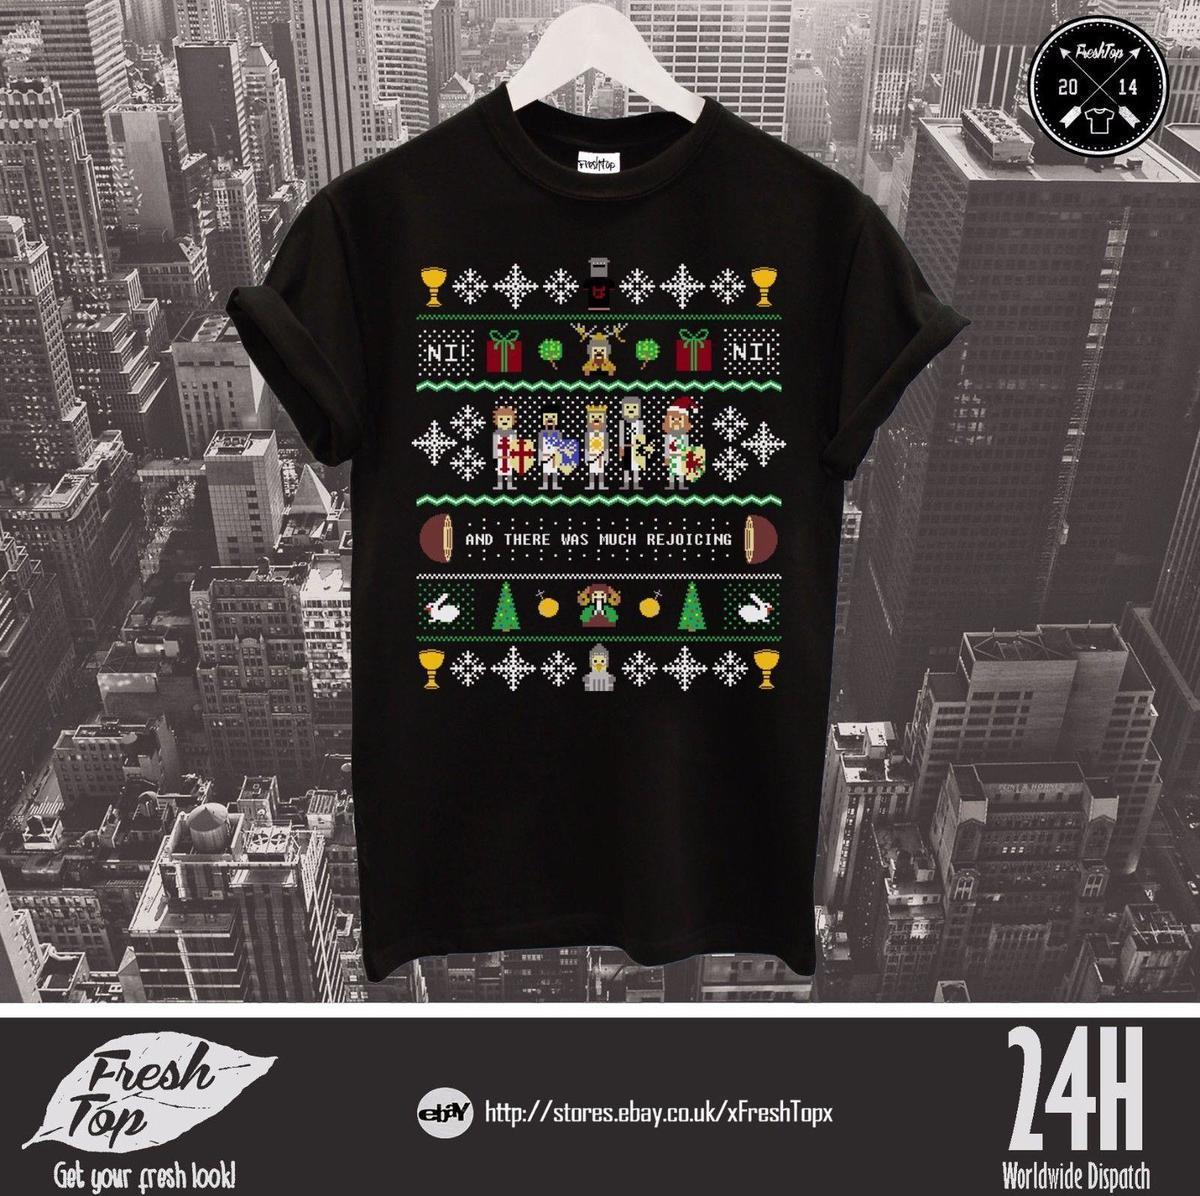 Compre El Top De La Camiseta De Monty Python Y El Santo Grial Y Hubo Mucho  Júbilo A  12.08 Del Linnan06  e60f08c6103fd